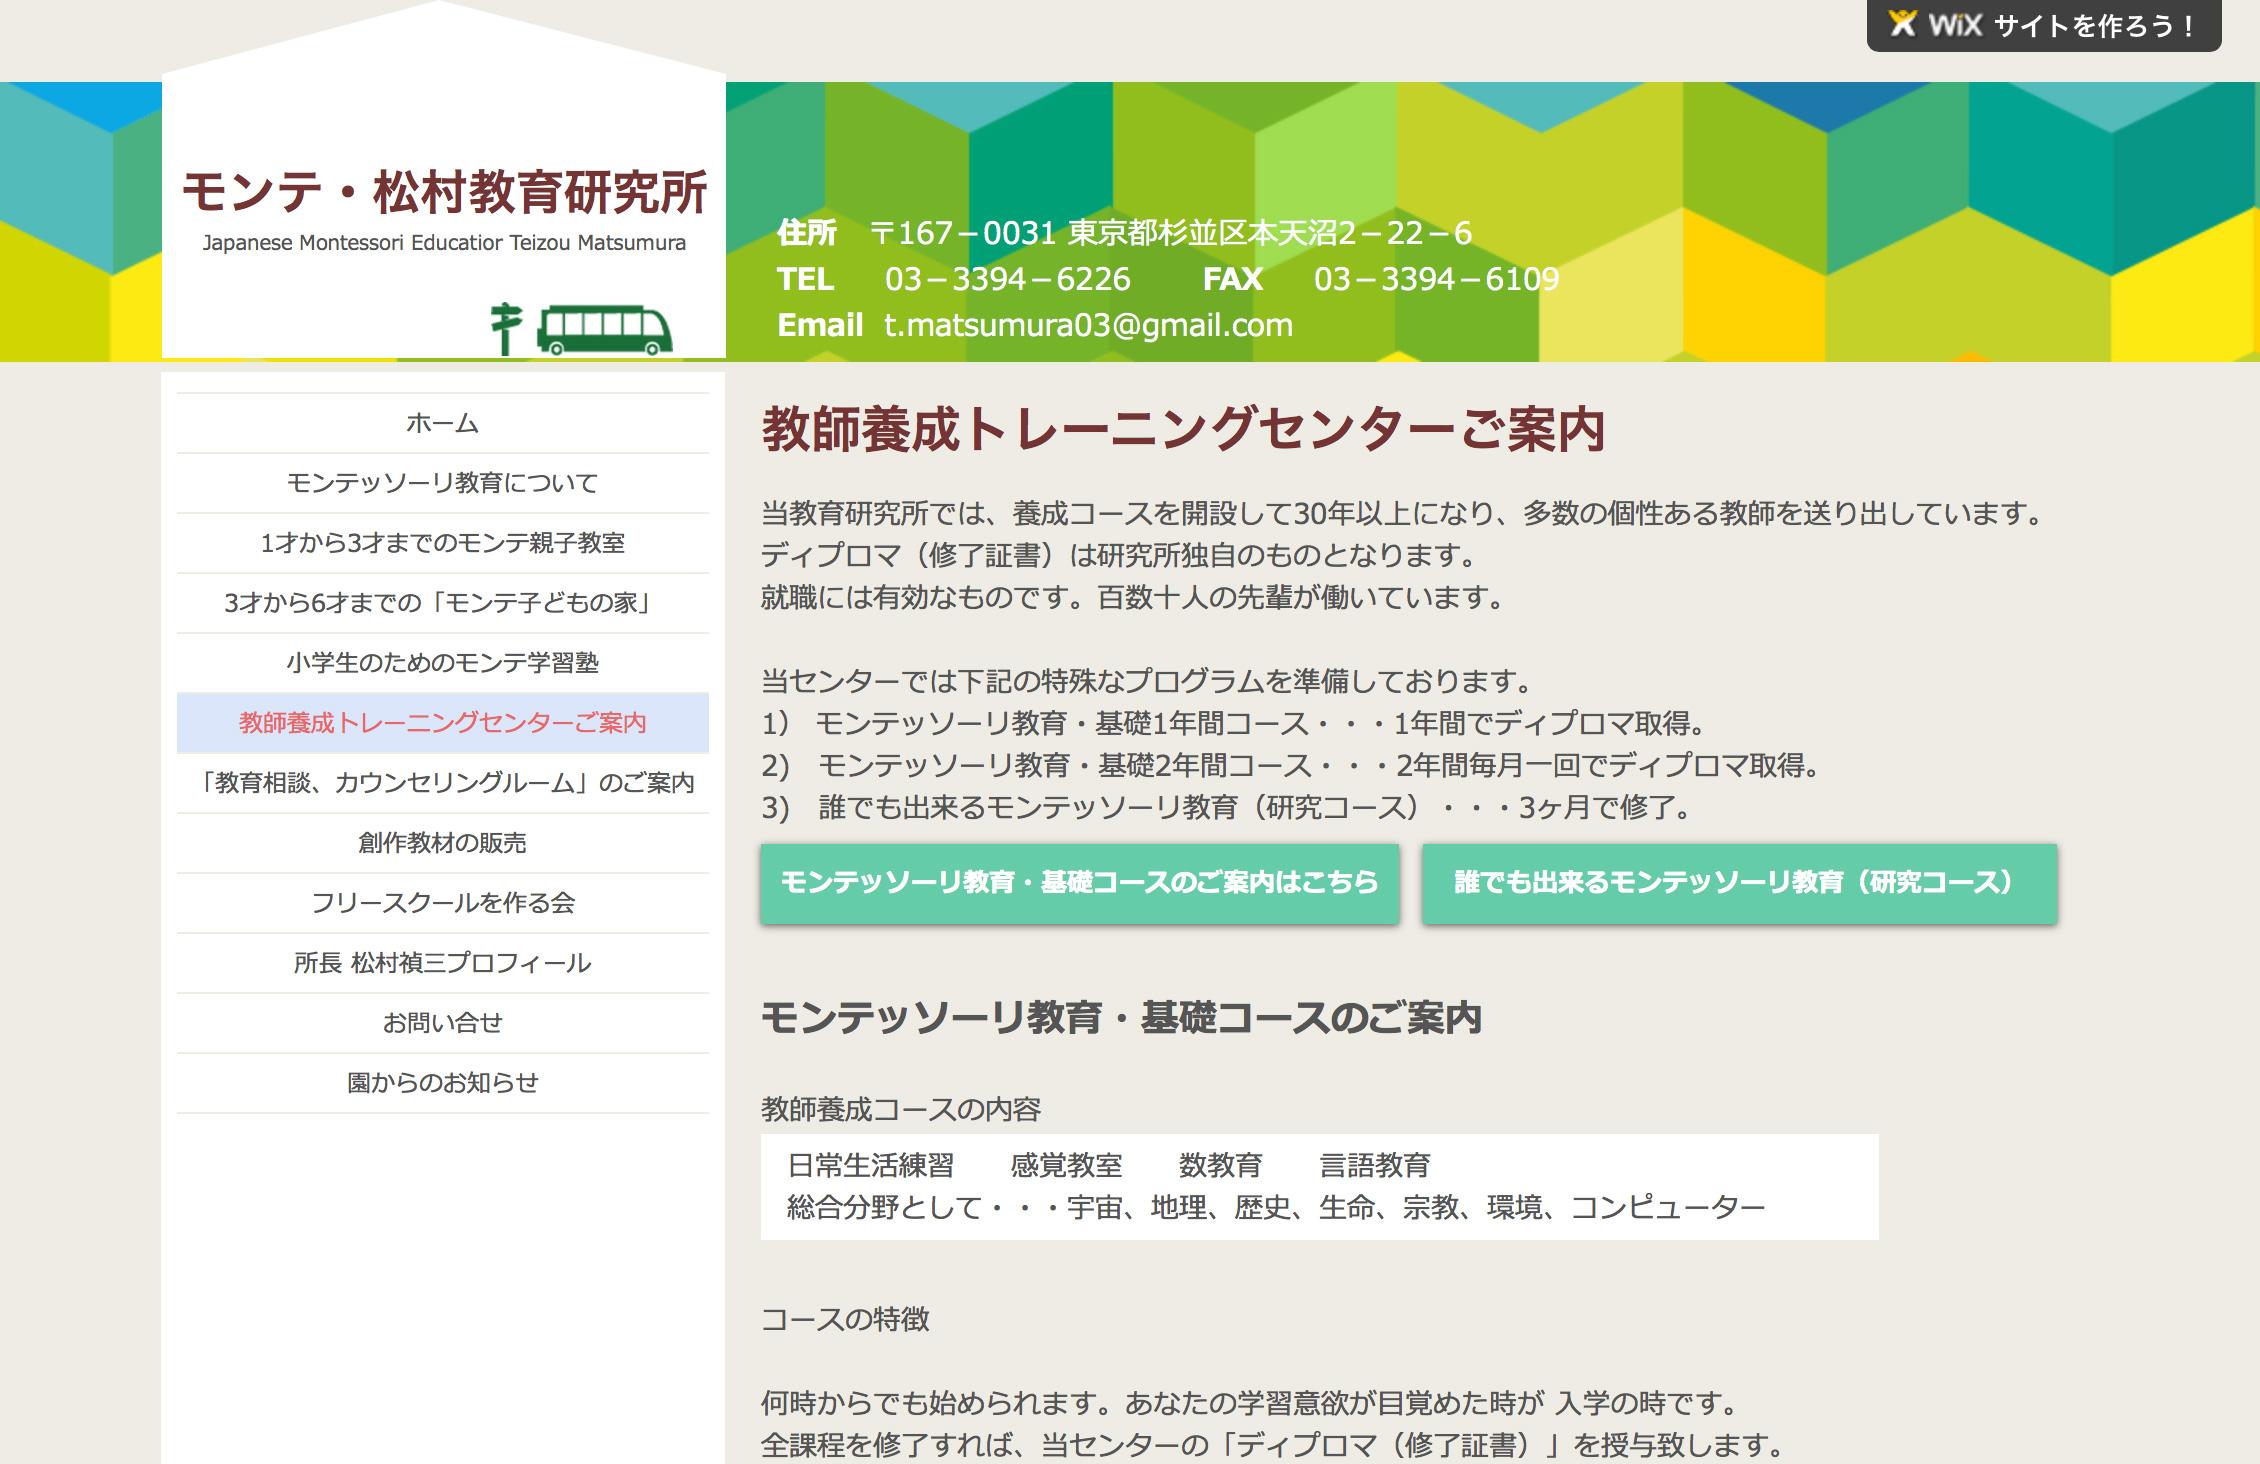 モンテ・松村教育研究所のホームページ